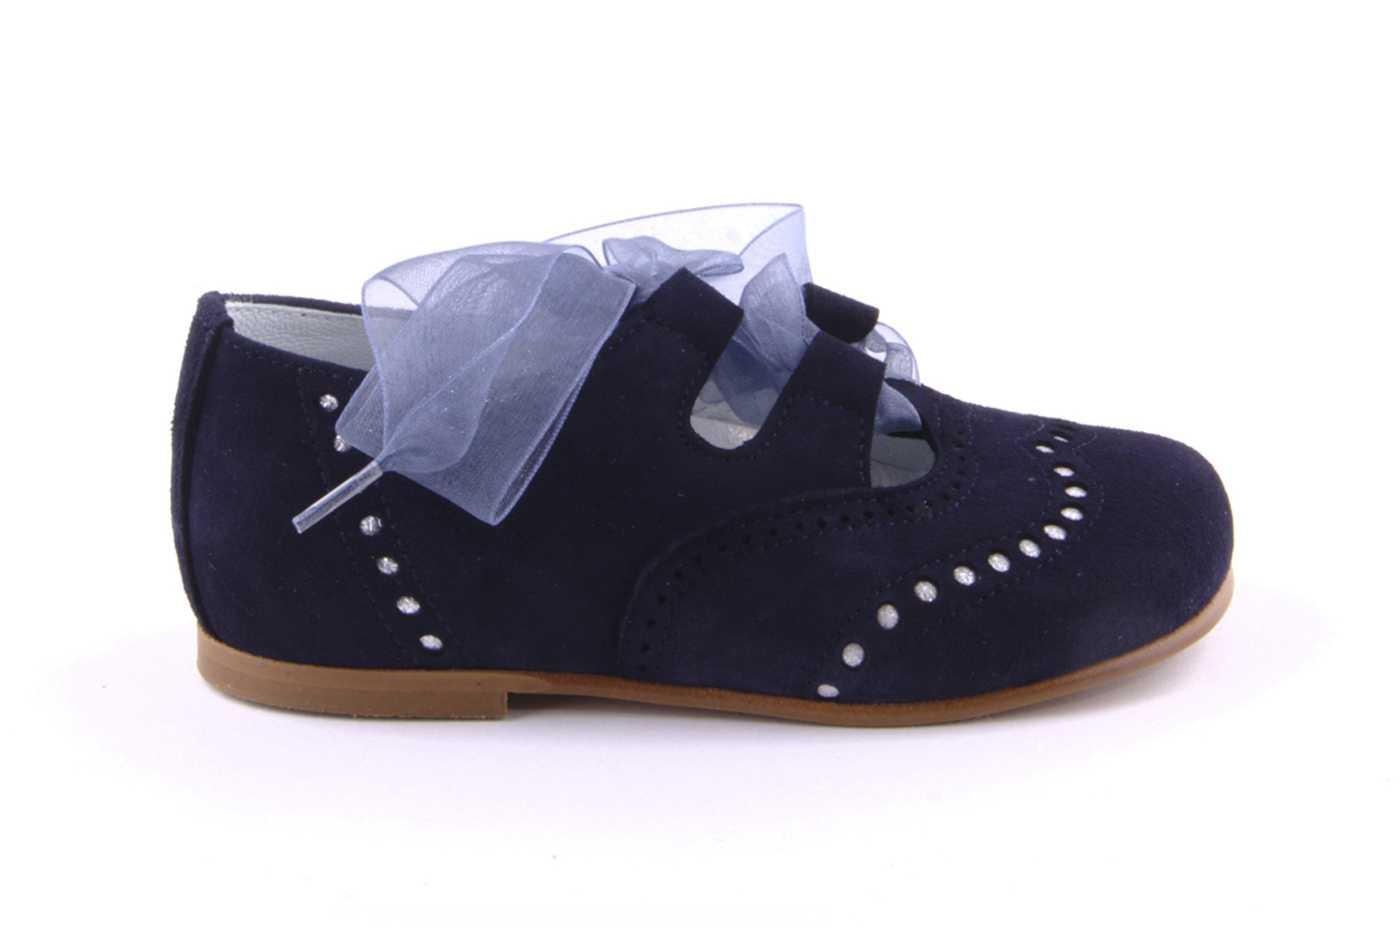 e2f1d0fbaa3c1 Comprar zapato tipo JOVEN NIÑA estilo INGLES COLOR AZUL ANTE ...